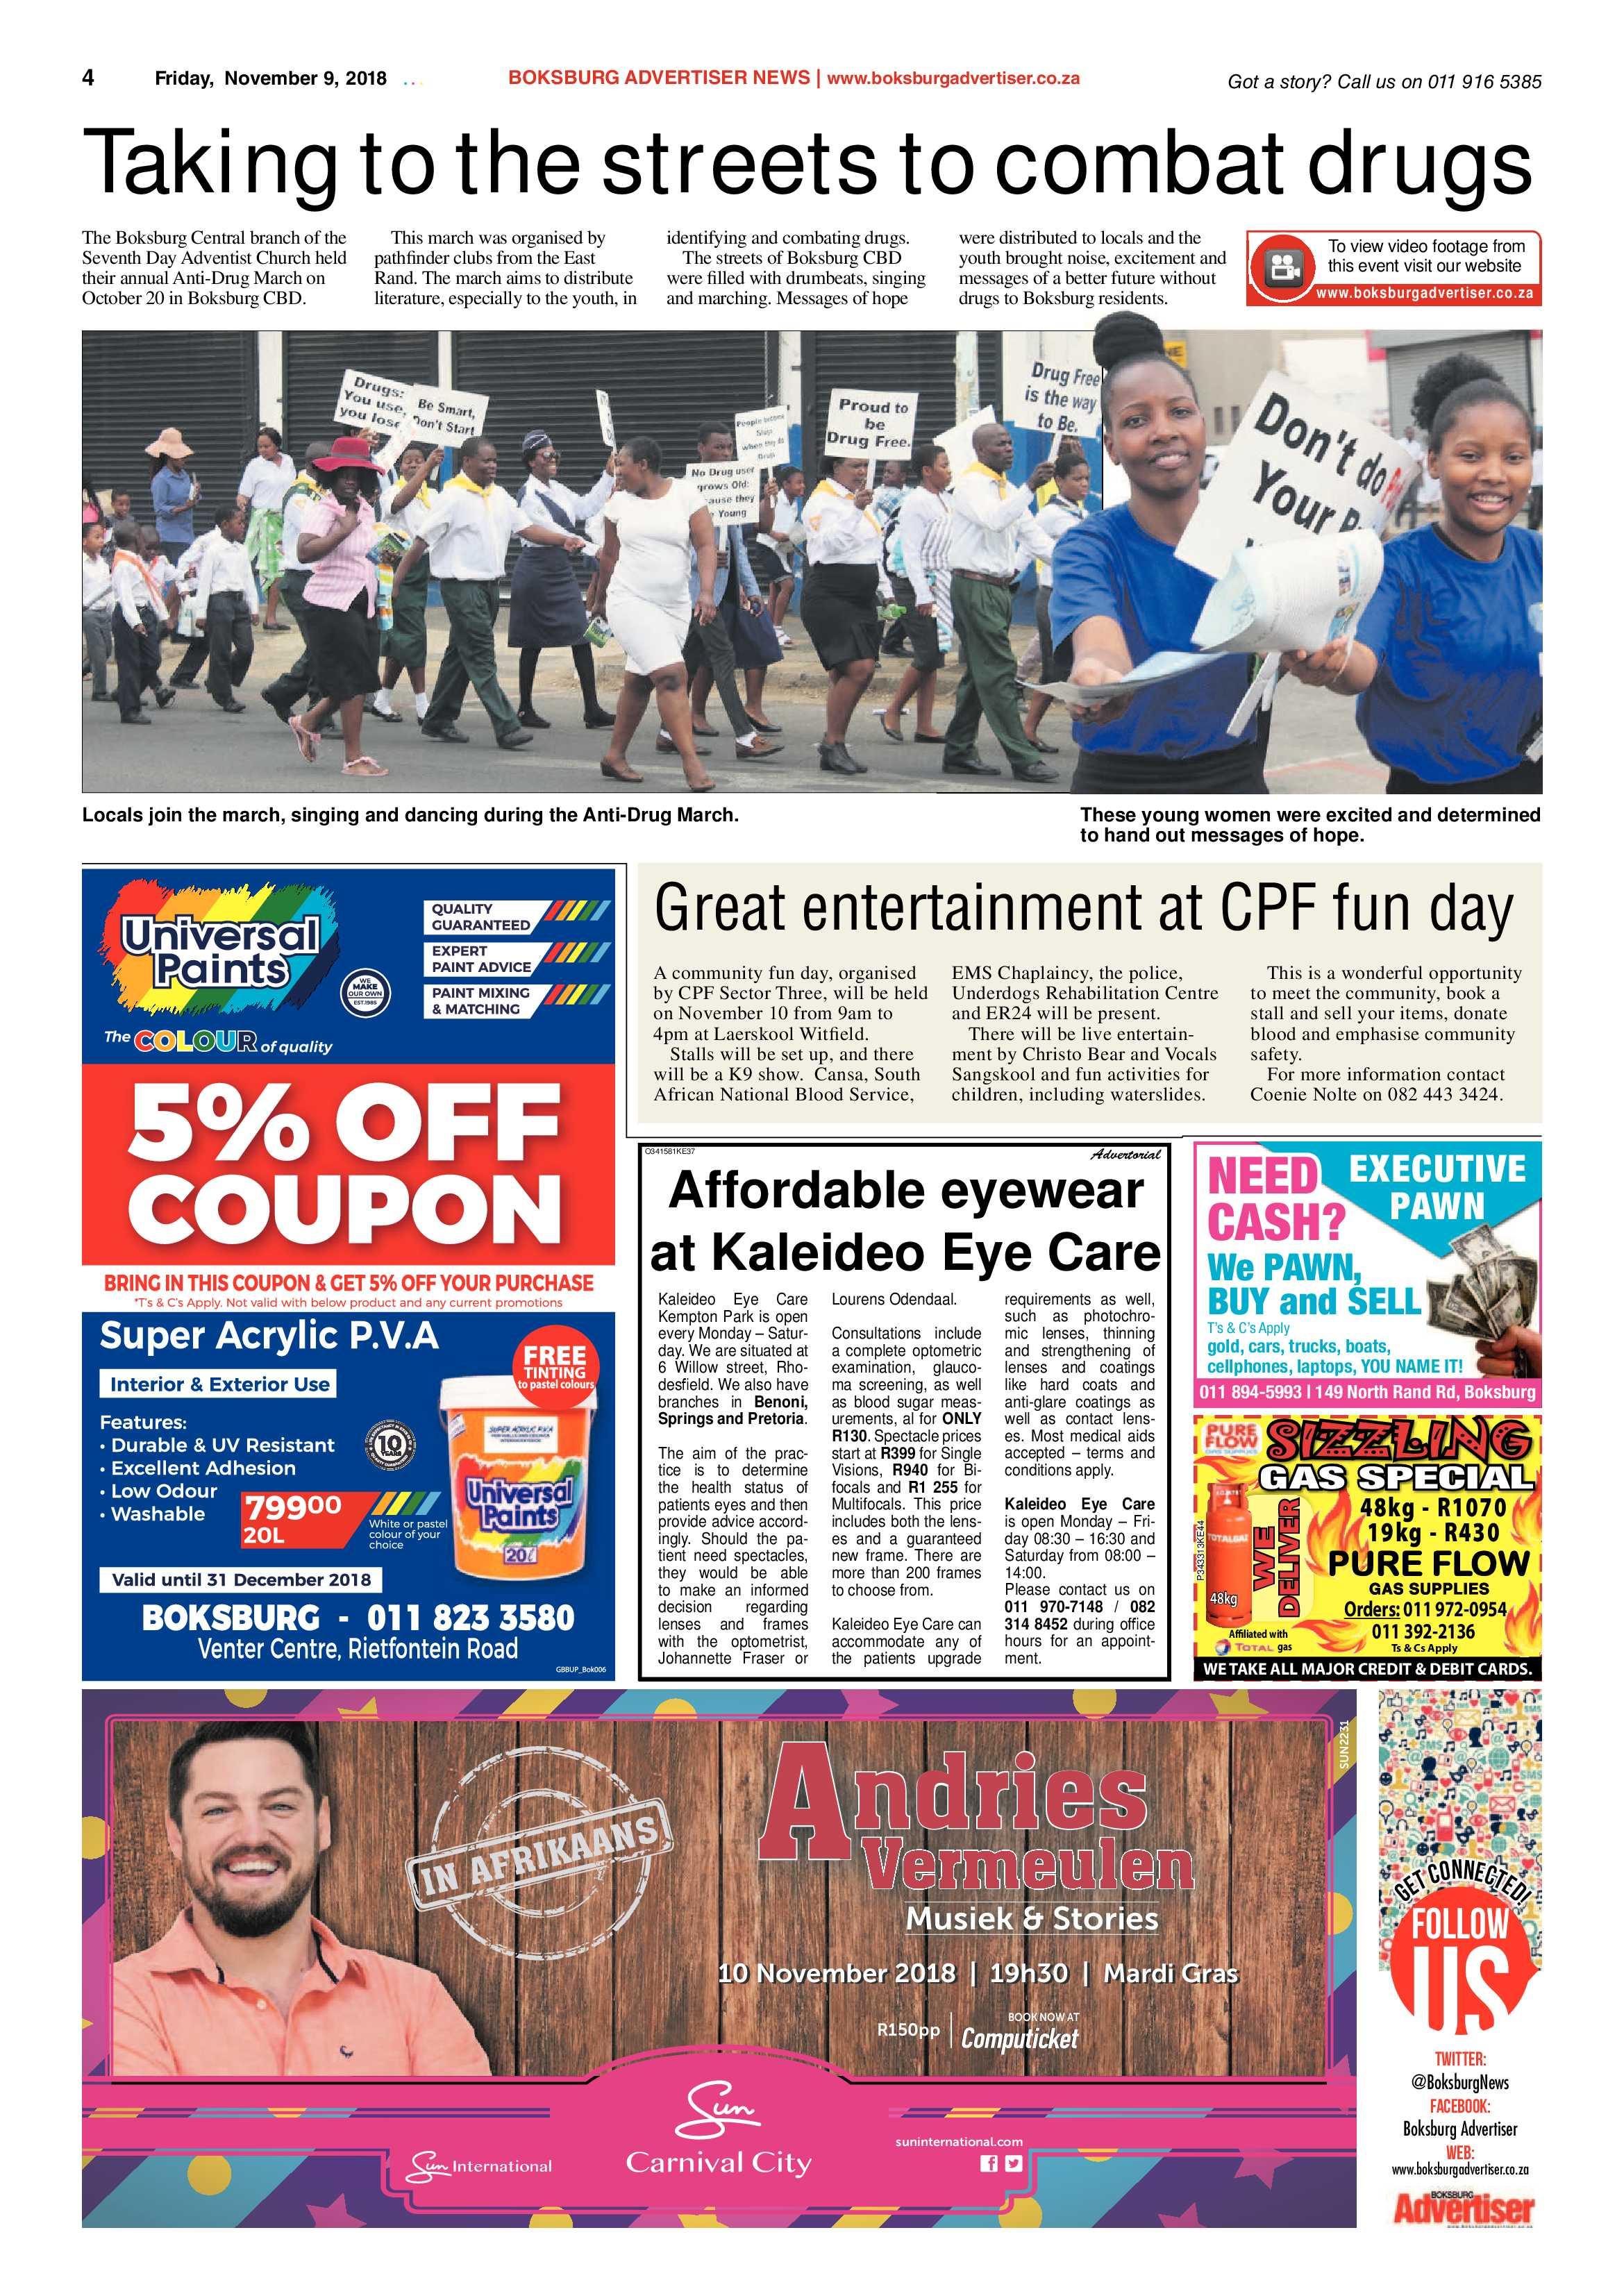 boksburg-advertiser-06-november-2018-epapers-page-4